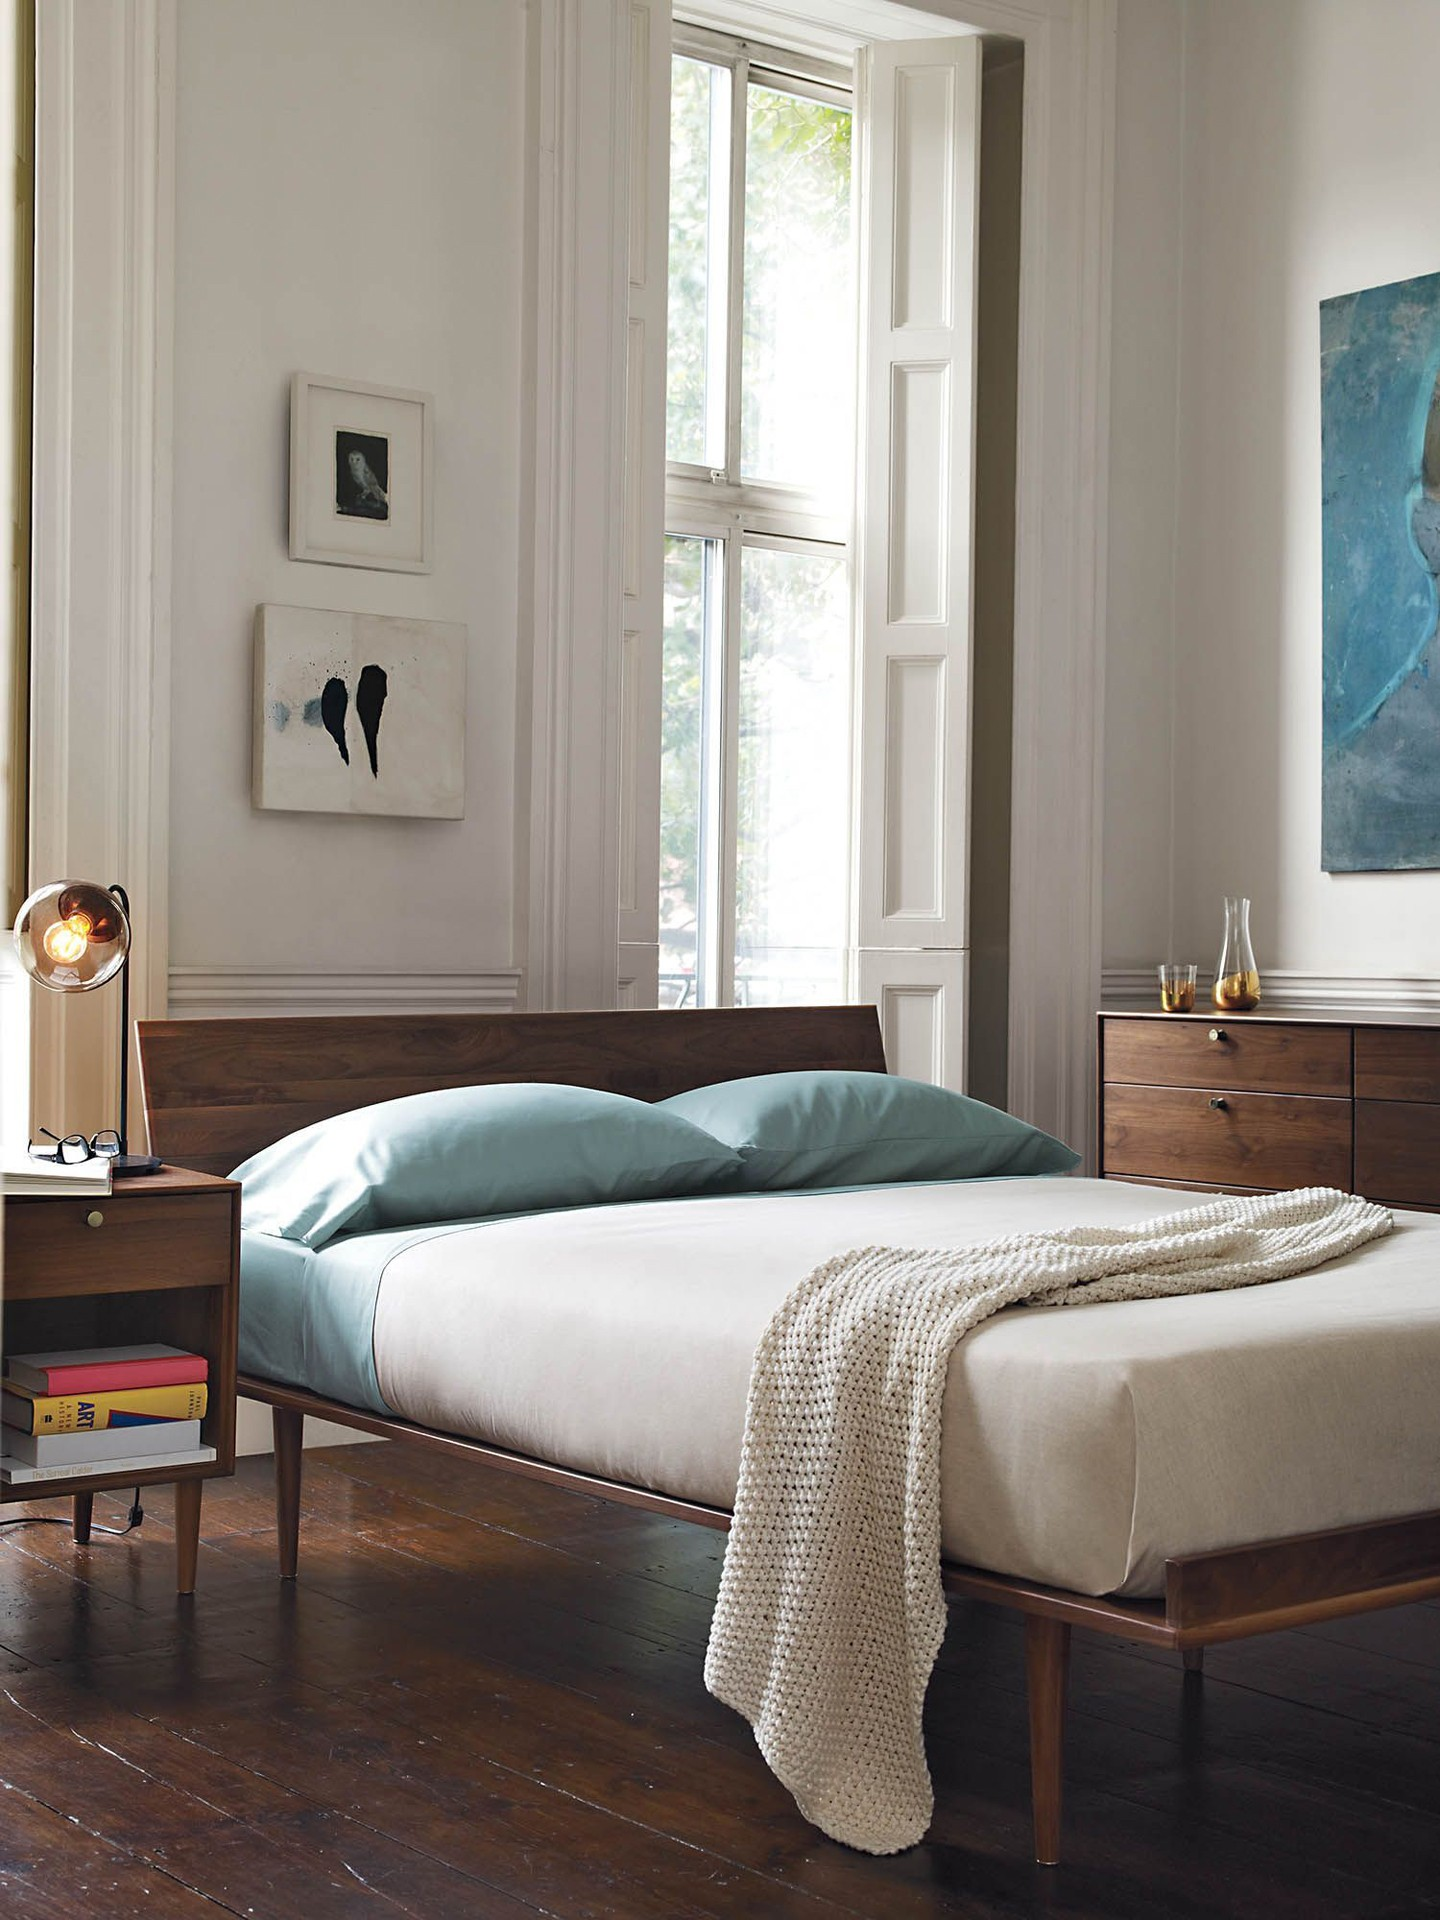 Décor do dia: tranquilidade dita decoração de quarto de casal (Foto: Reprodução/Pinterest)